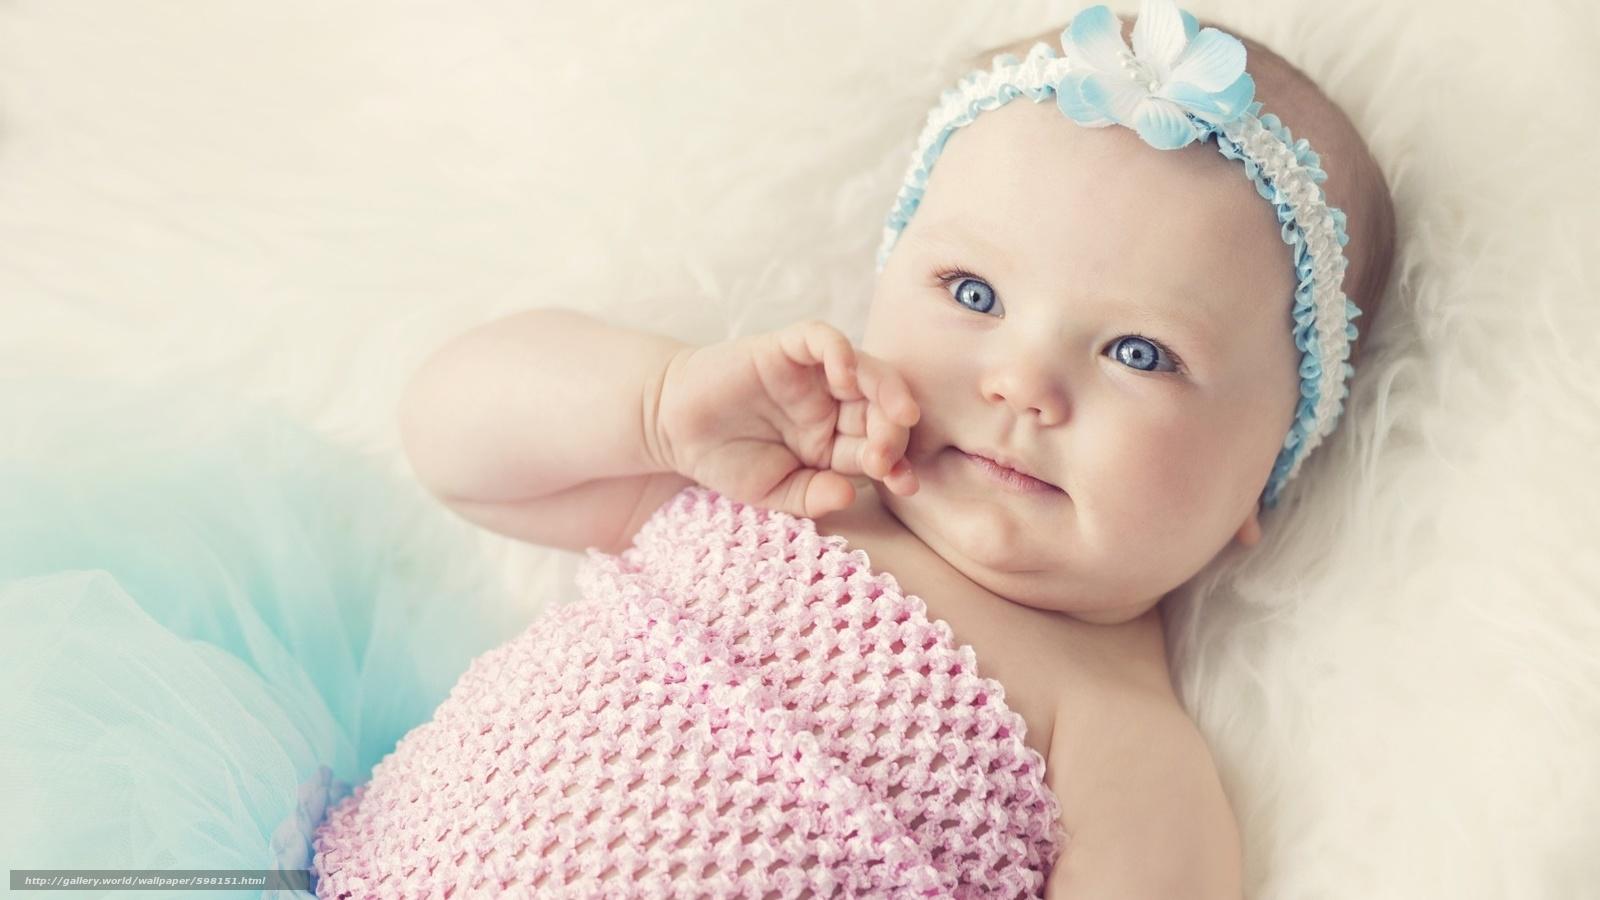 下载壁纸 婴儿, 可爱, 微笑 免费为您的桌面分辨率的壁纸 1920x1080